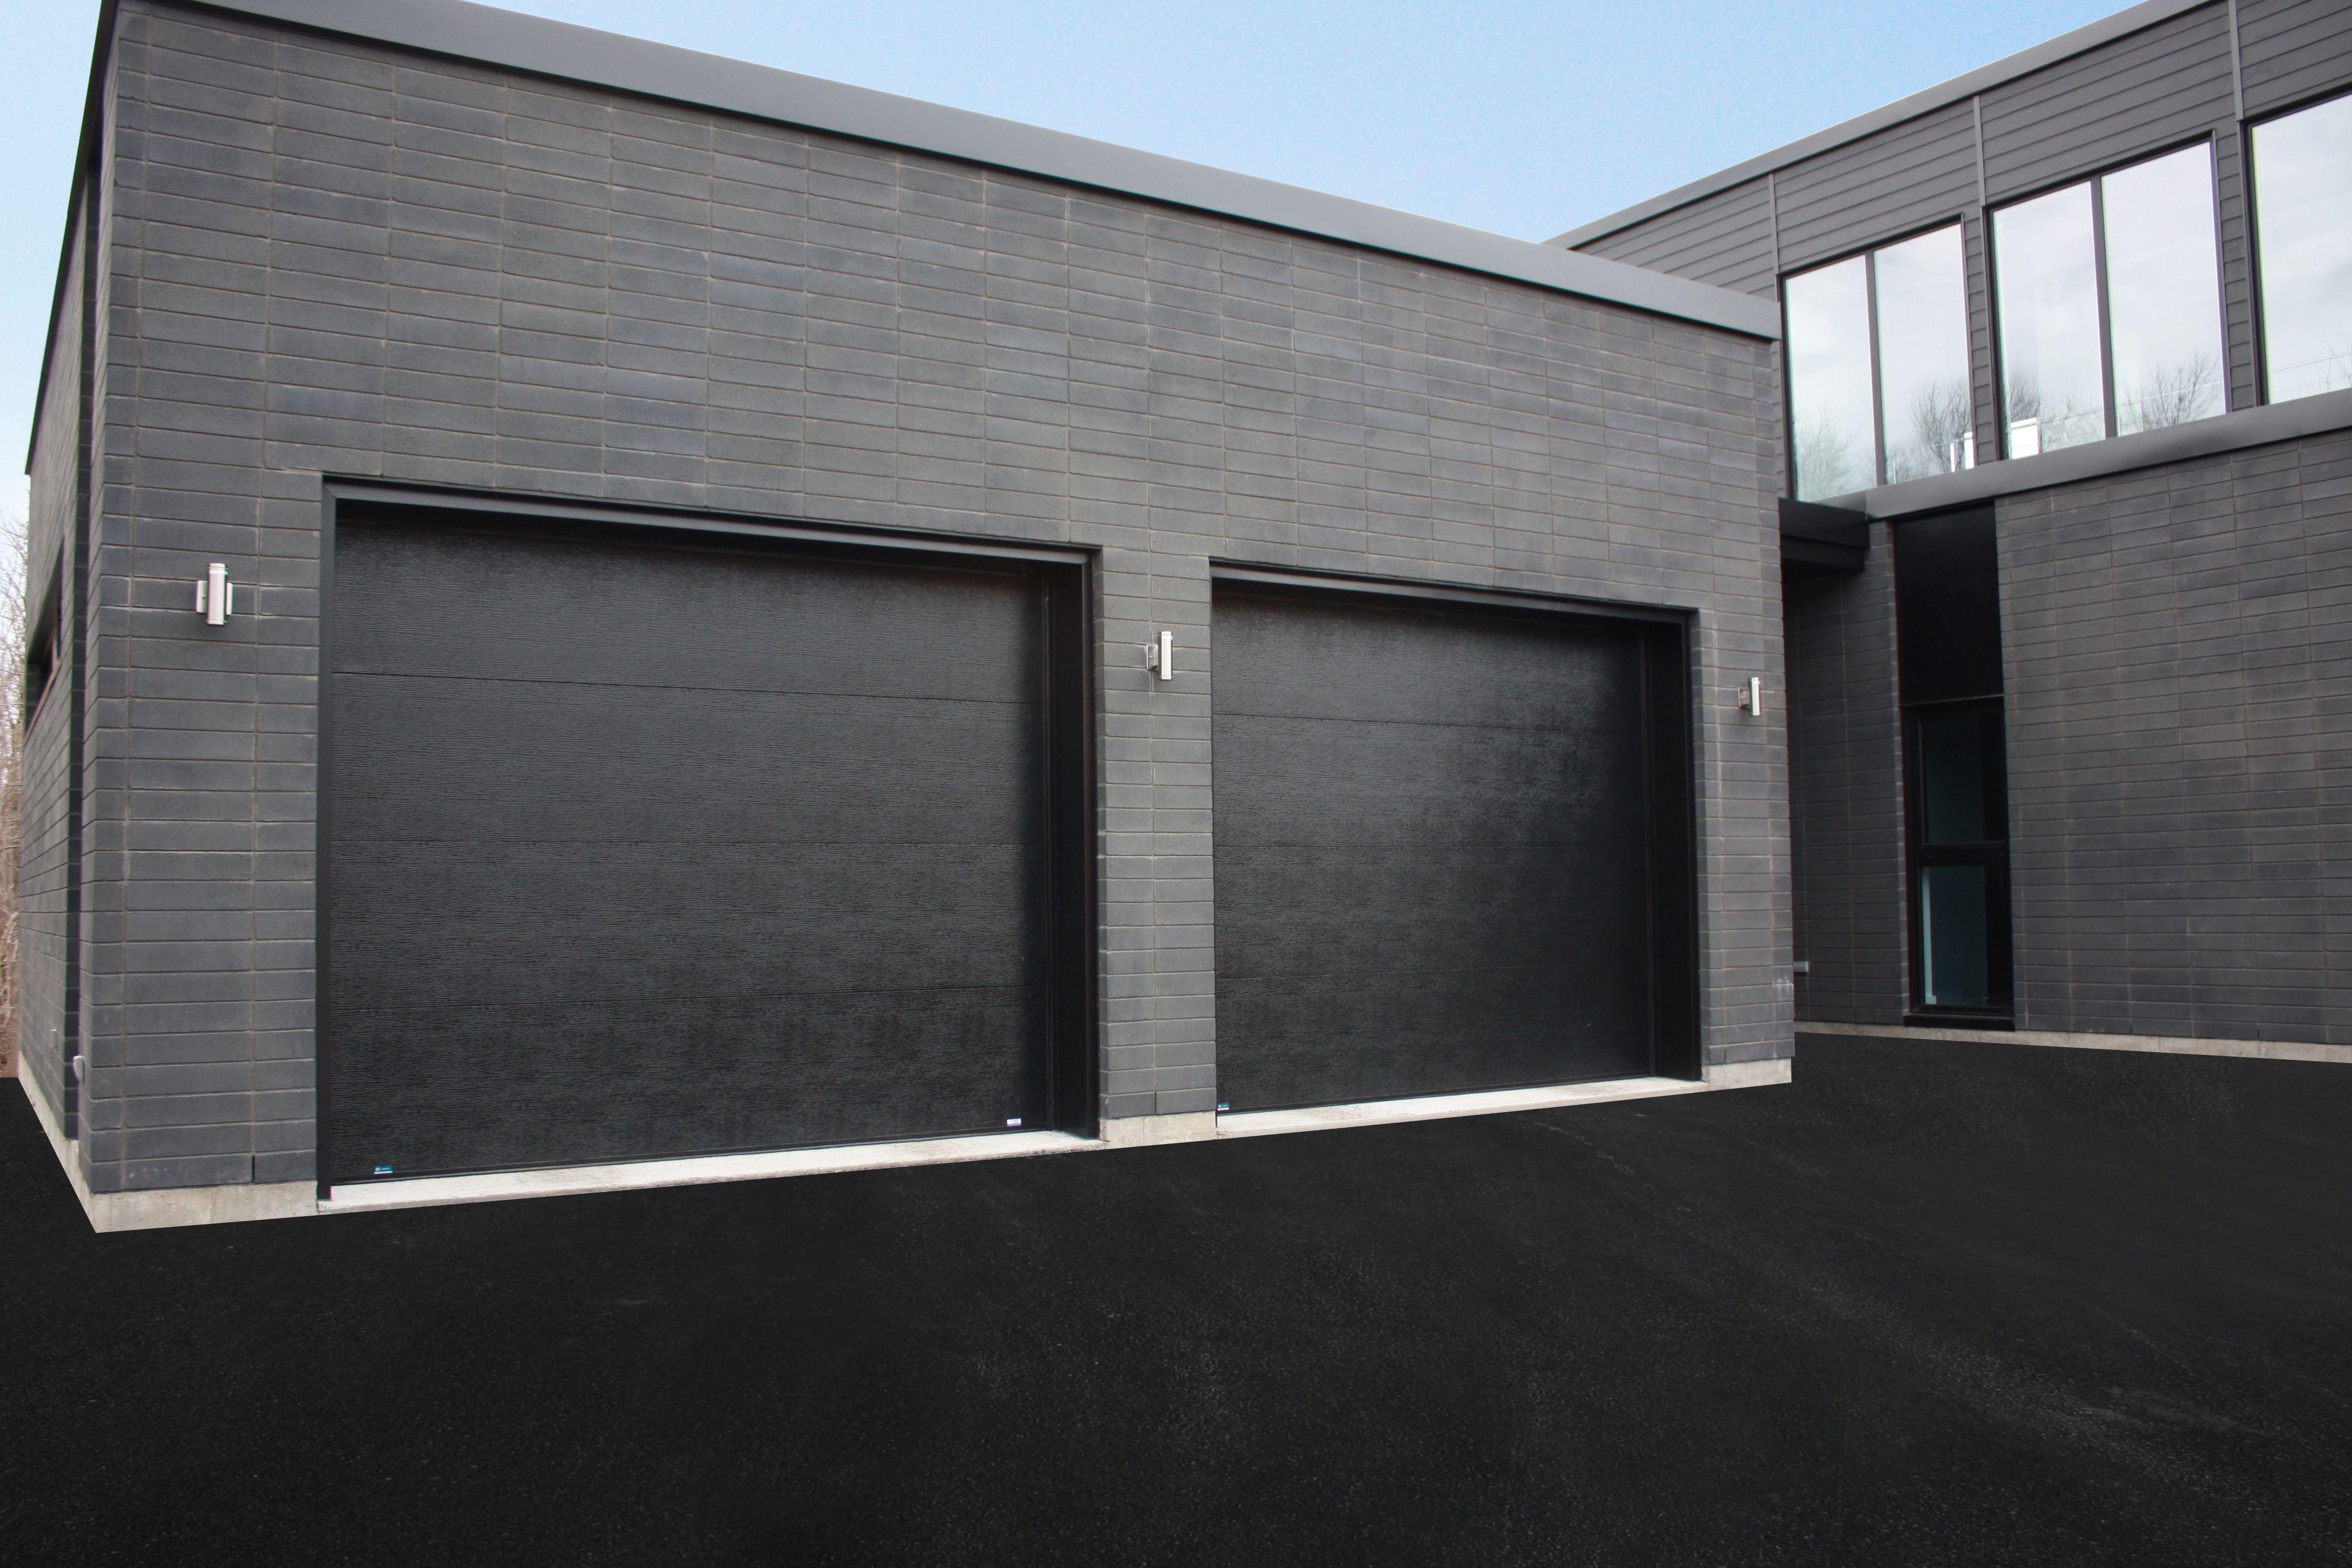 Portes de garage garex mod le urbaine couleur noir for Porte de garage fame avis